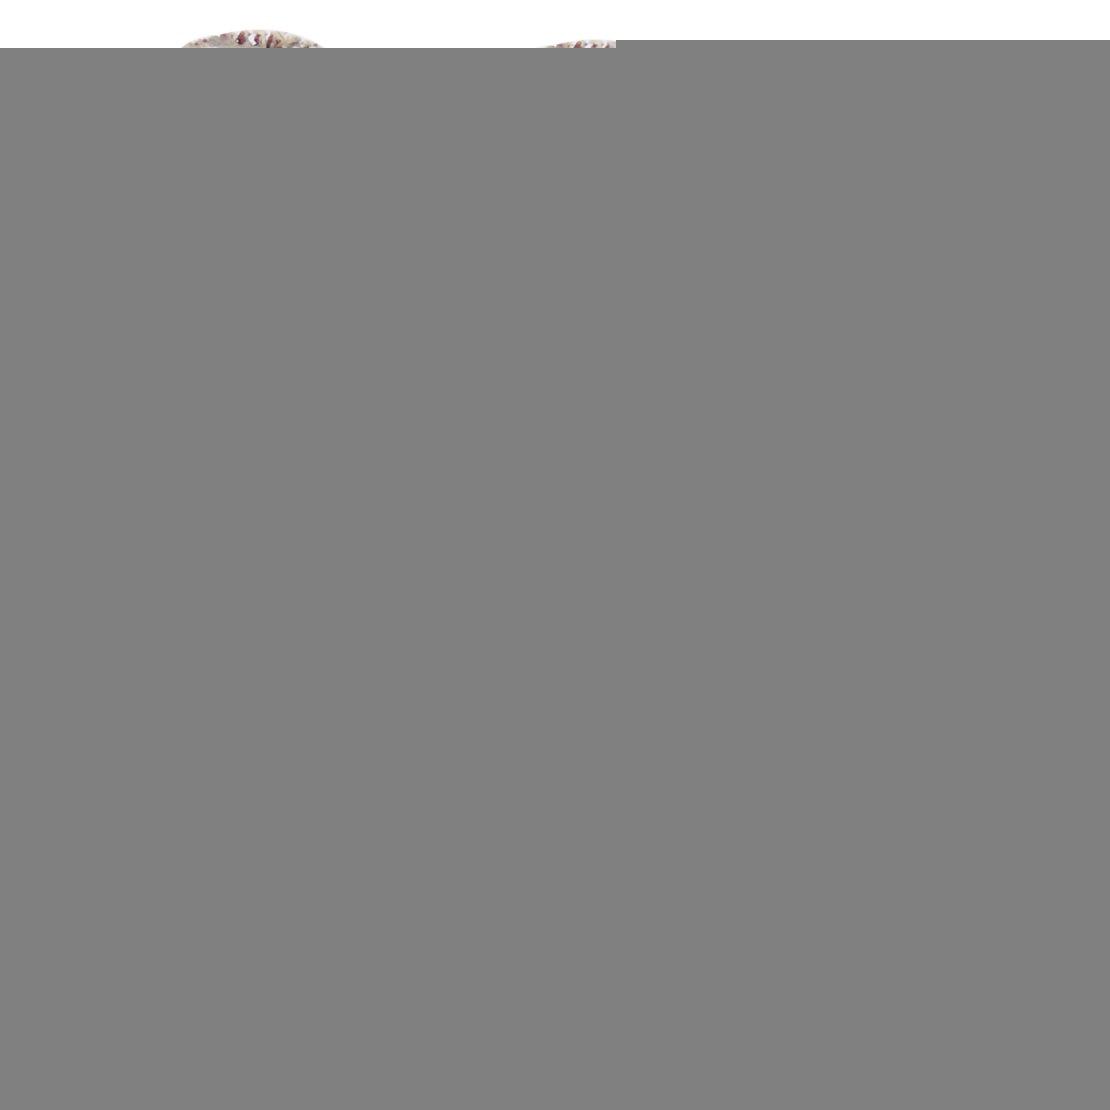 LETAOSK 80 Korn 15mm Sandpapierschleifmaschine Schleifen Schleifscheibe Grobes Schleifpapier Drehwerkzeuge